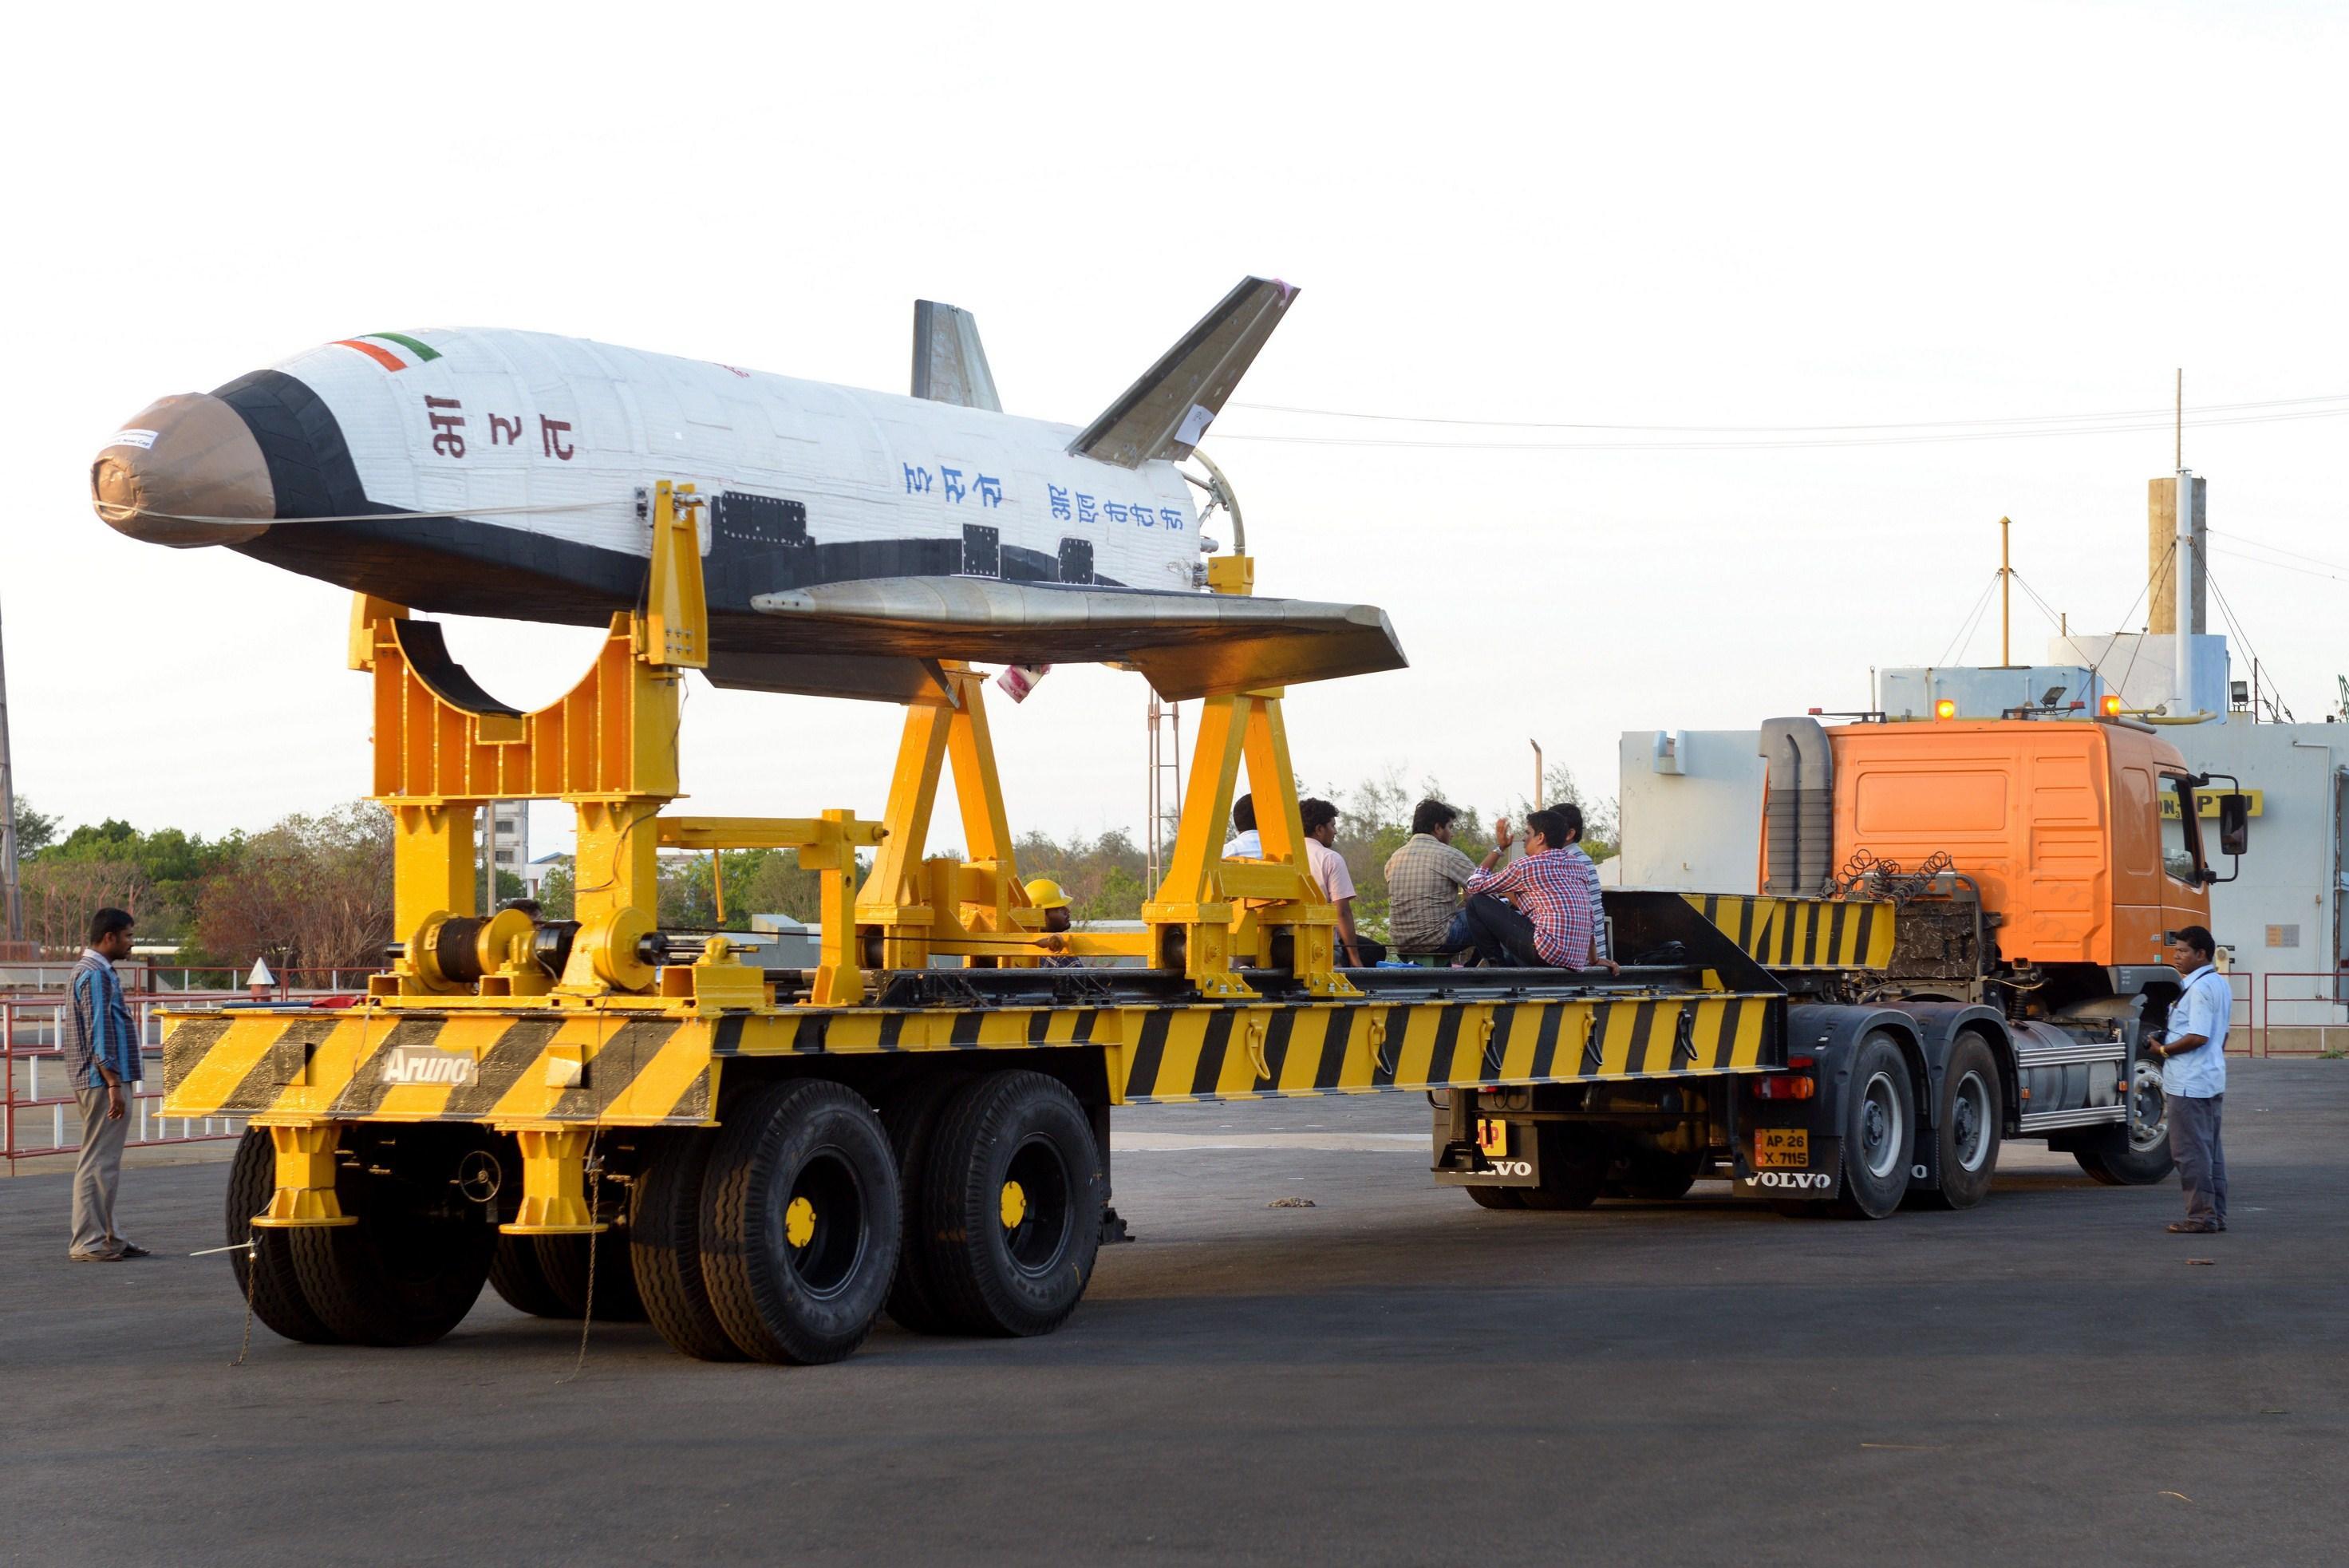 onibus espacial india 3